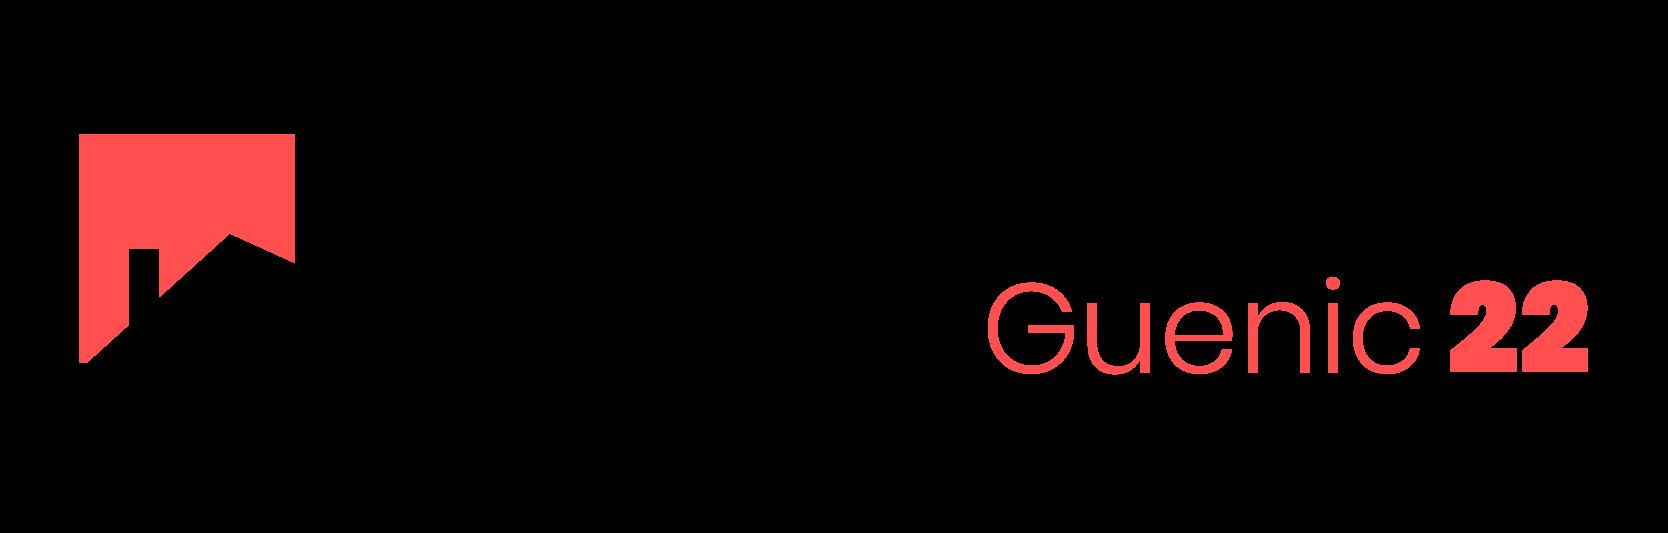 Couverture Guenic 22